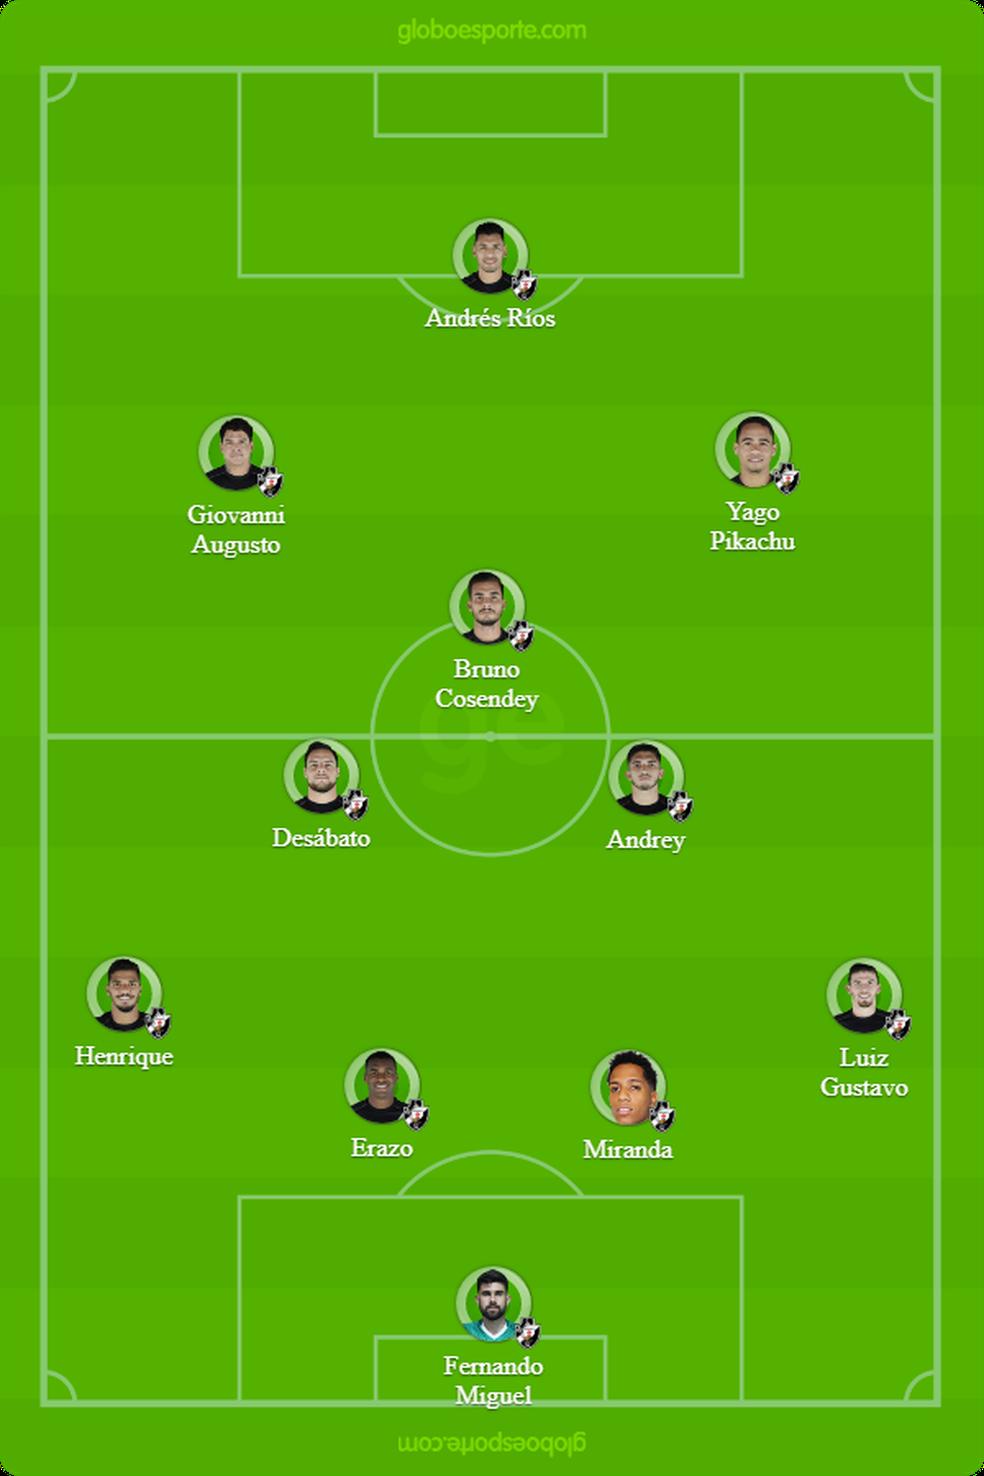 Provável escalação do Vasco para enfrentar o Inter (Foto: GloboEsporte.com)